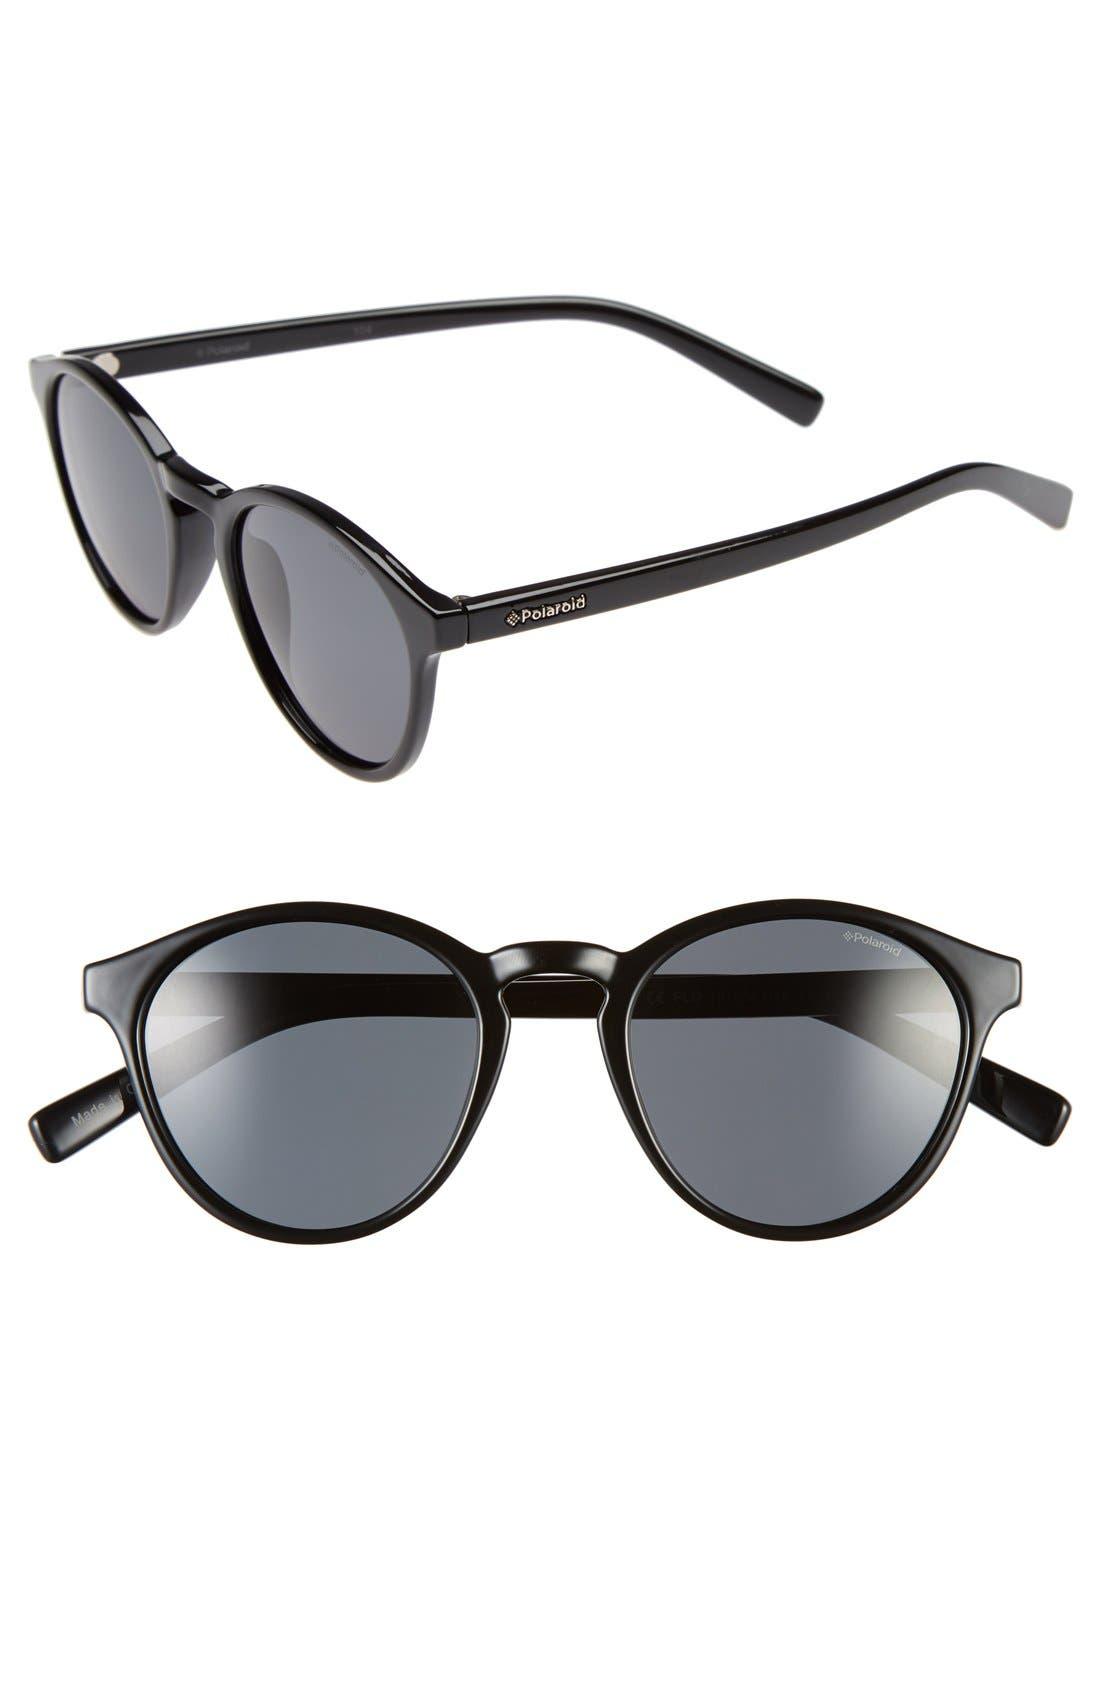 Main Image - Polaroid Eyewear 50mm Polarized Sunglasses